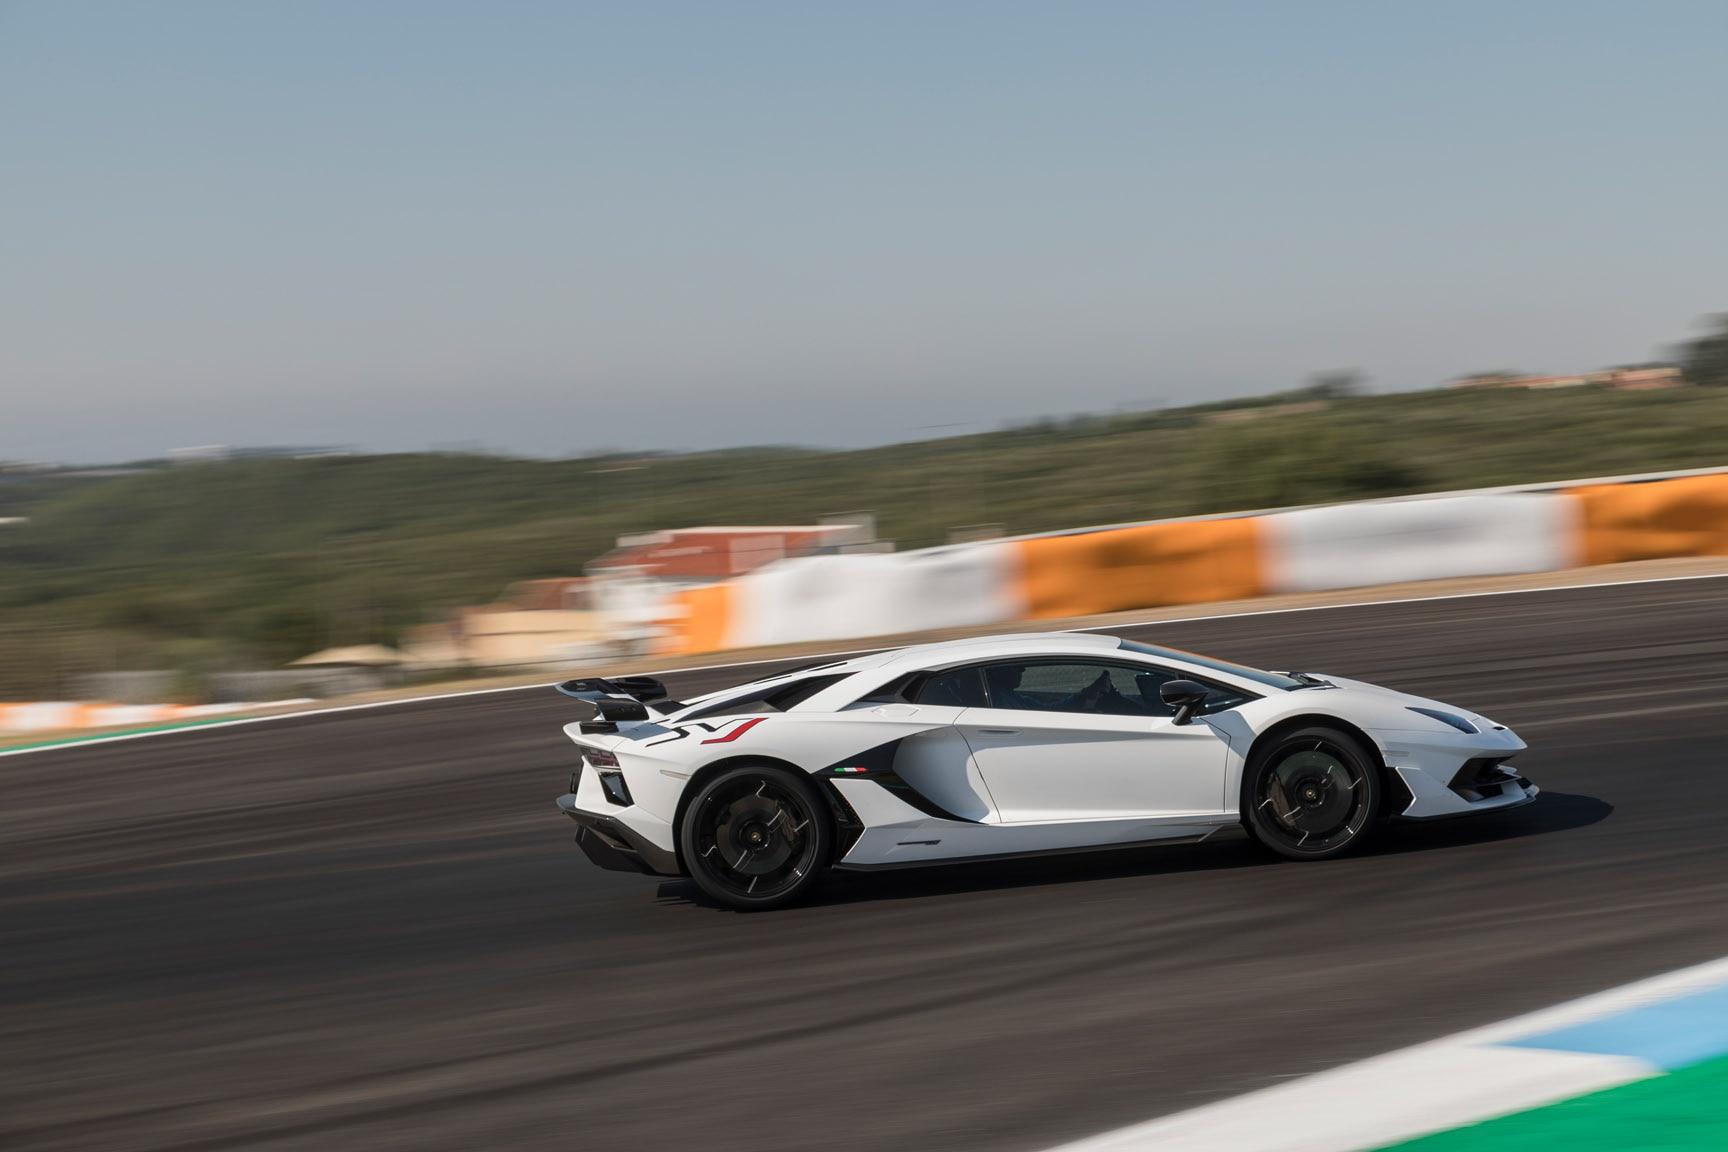 2019 Lamborghini Aventador Svj First Drive Automobile